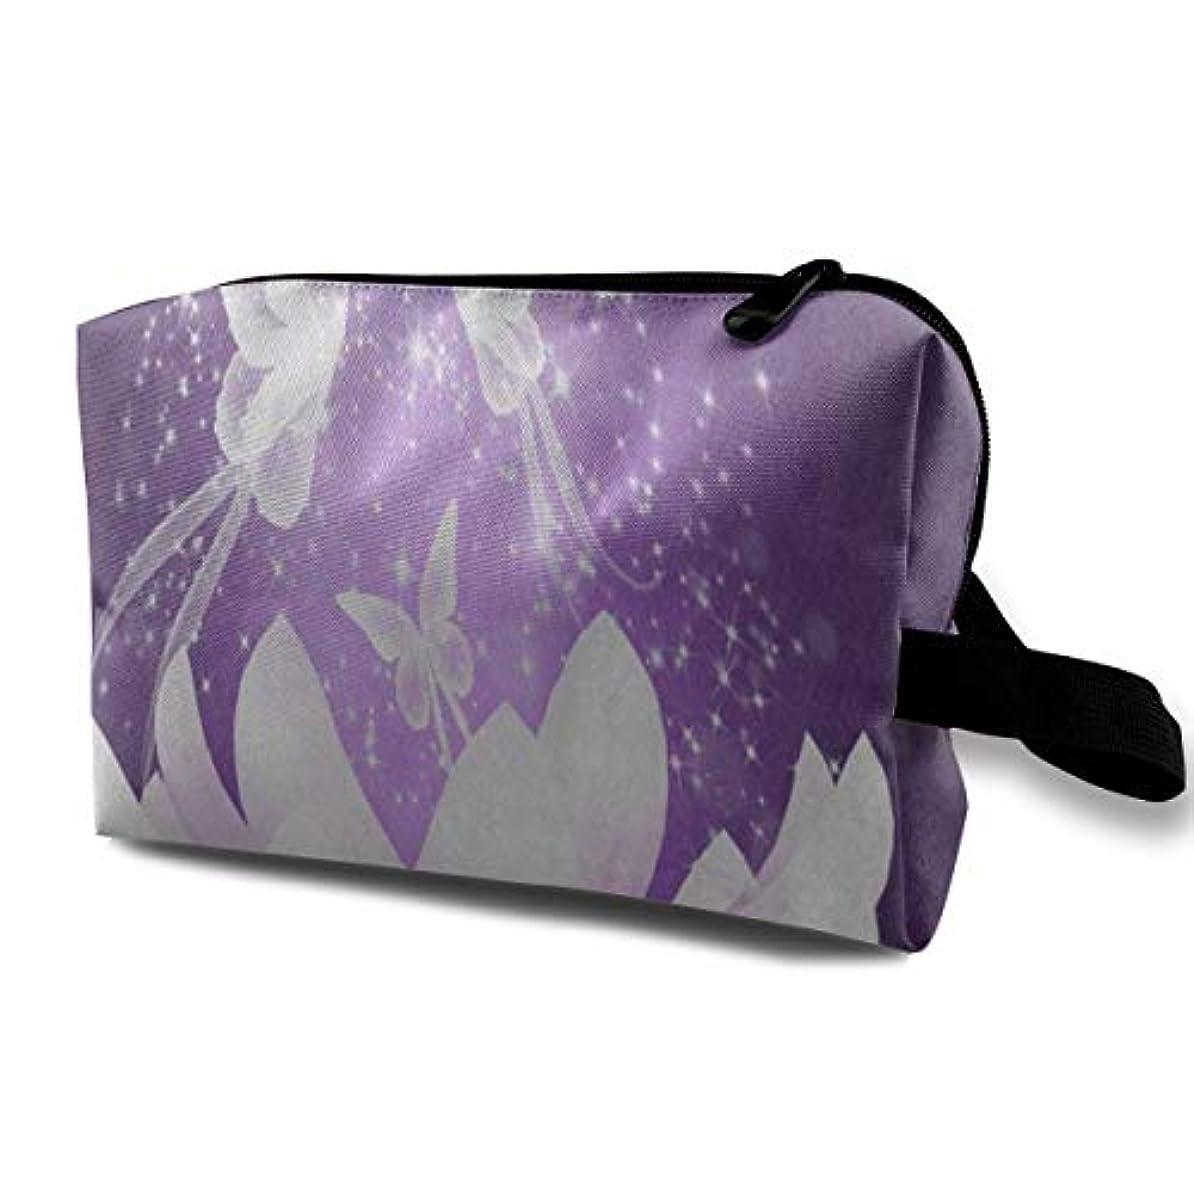 ドキュメンタリー断線伝統美しい紫蝶蓮の花 ポーチ 旅行 化粧ポーチ 防水 収納ポーチ コスメポーチ 軽量 トラベルポーチ25cm×16cm×12cm